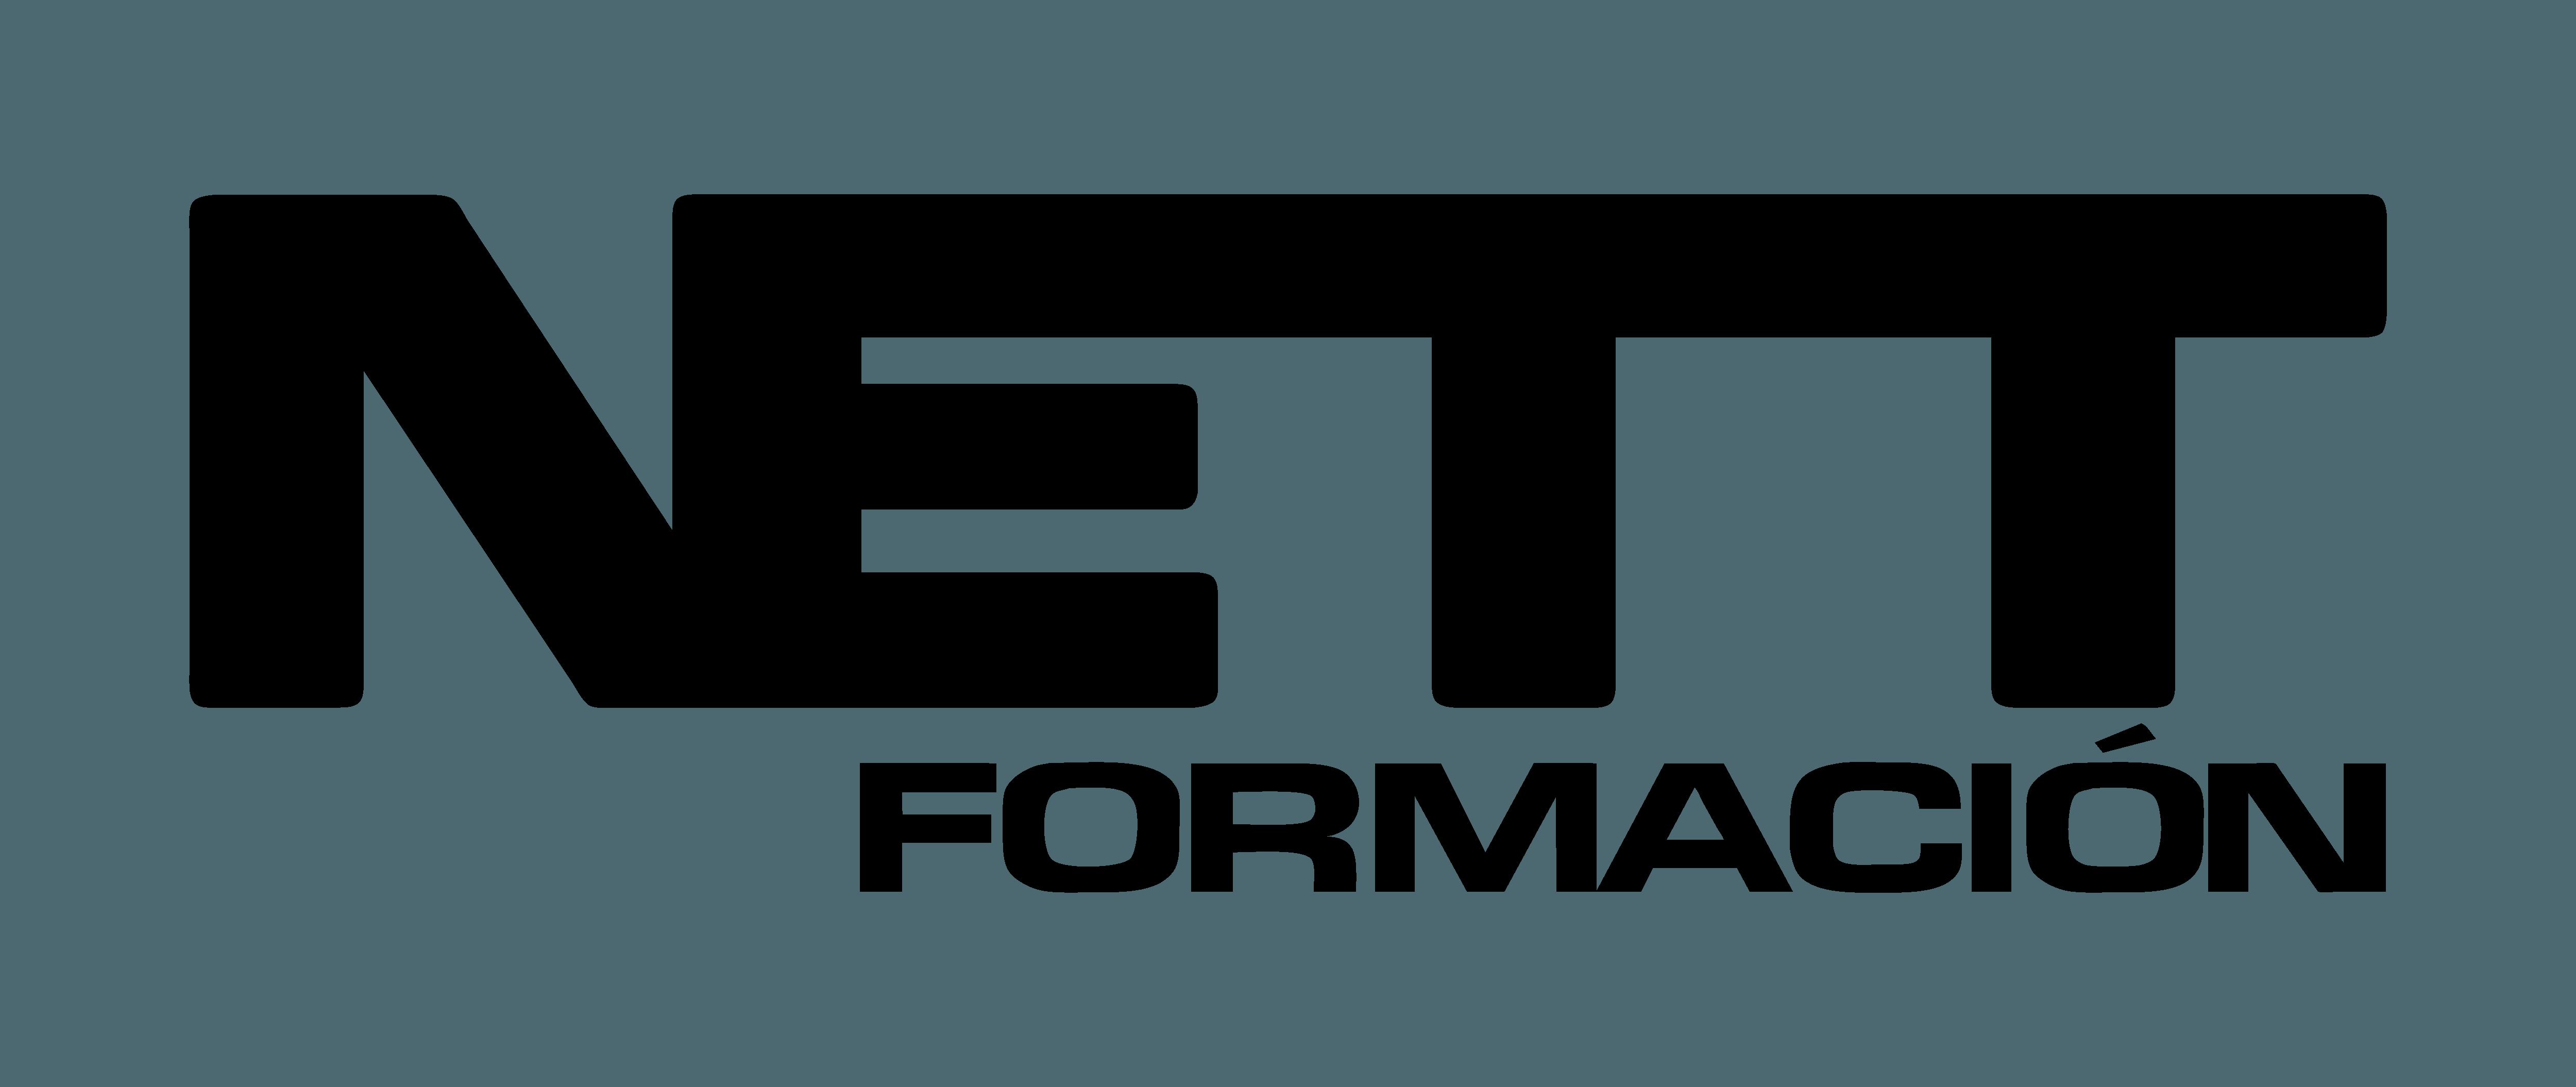 Nett Formacion